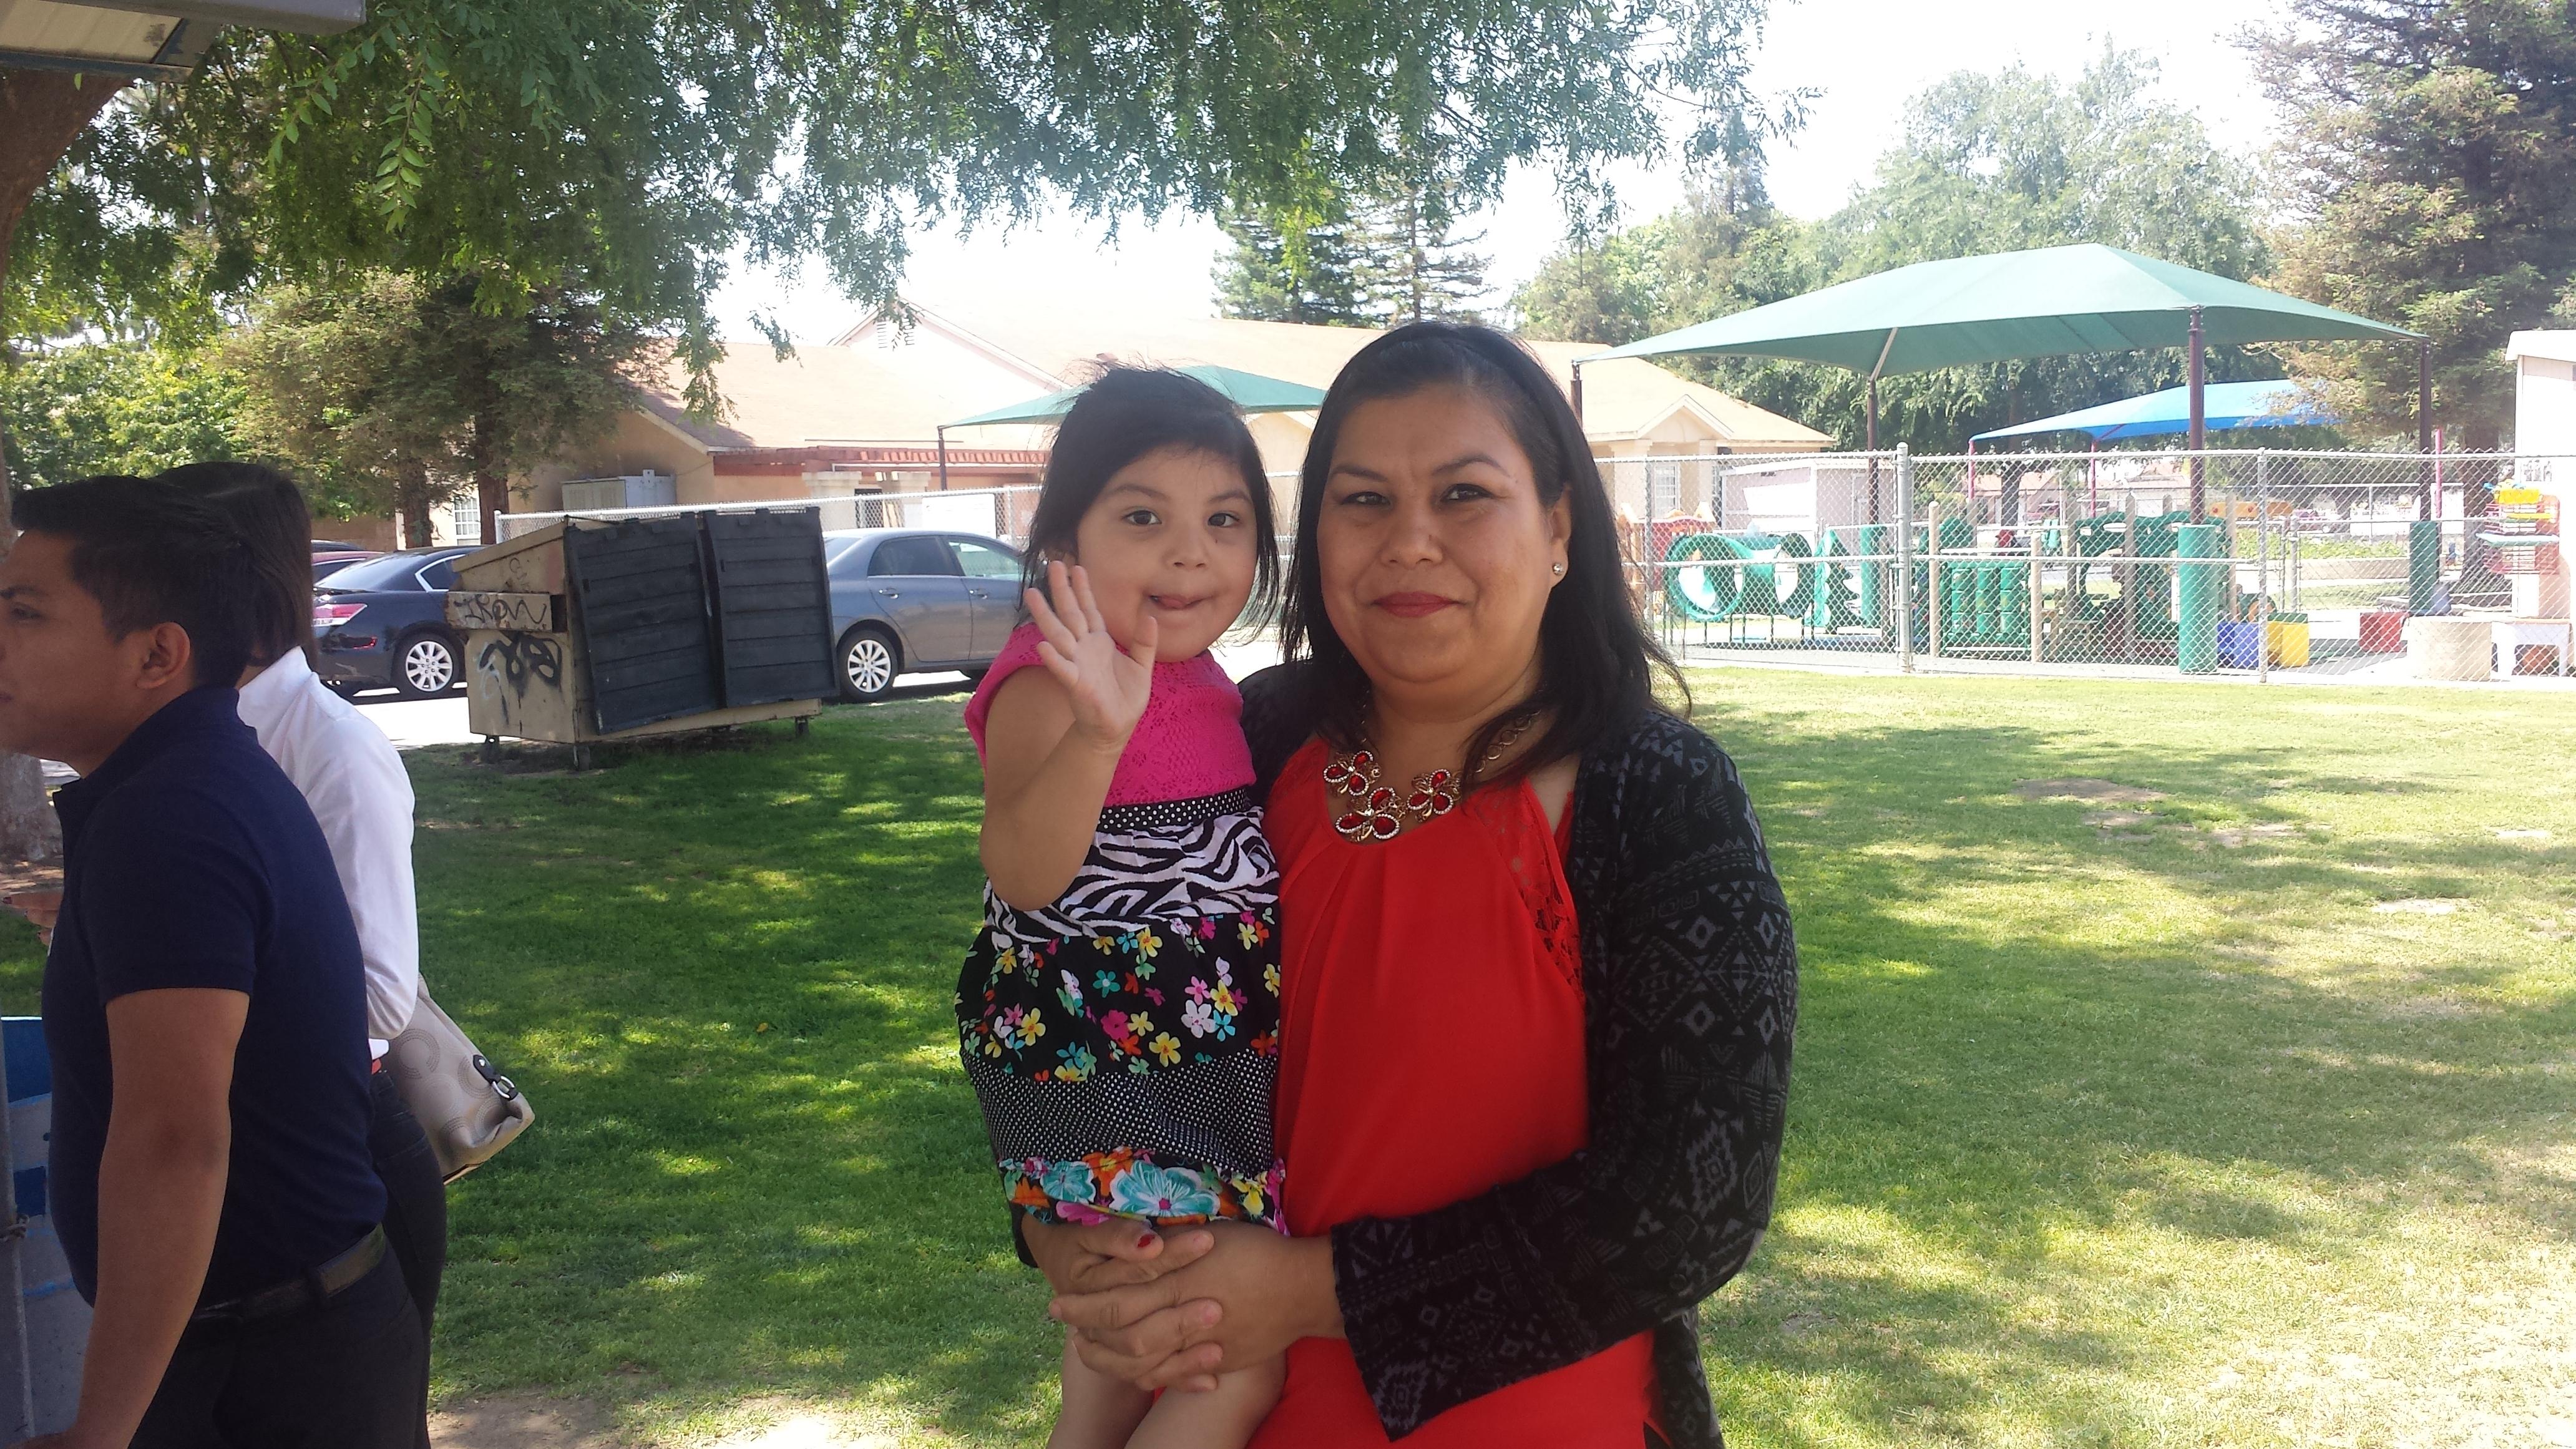 Claudia Angulo se prepara para una conferencia de prensa, carga a una de sus cuatro hijos.